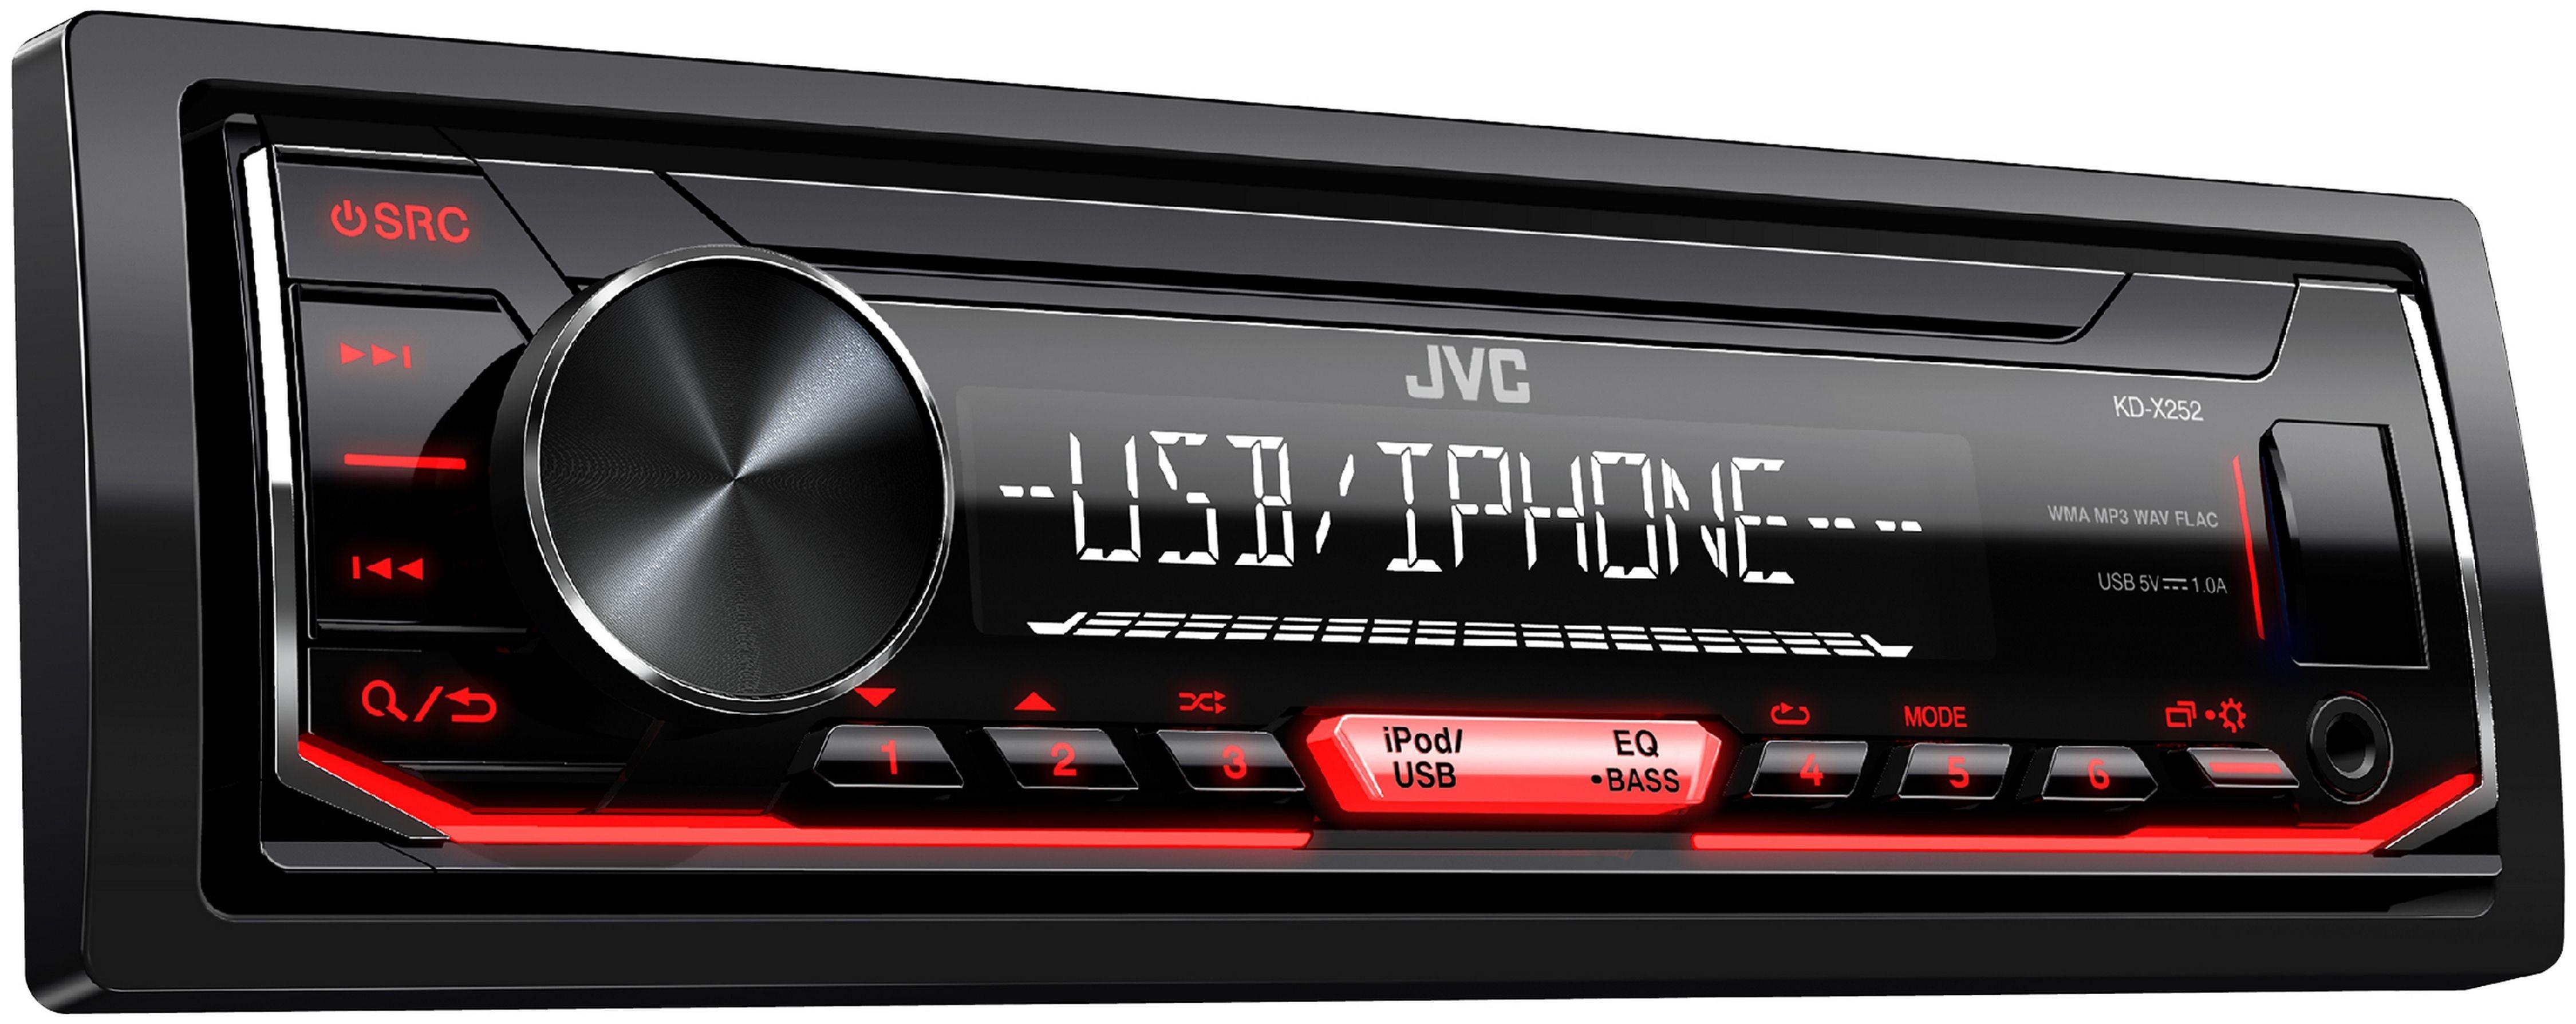 Antennenstecker Autoradio Preisvergleich • Die besten Angebote ...